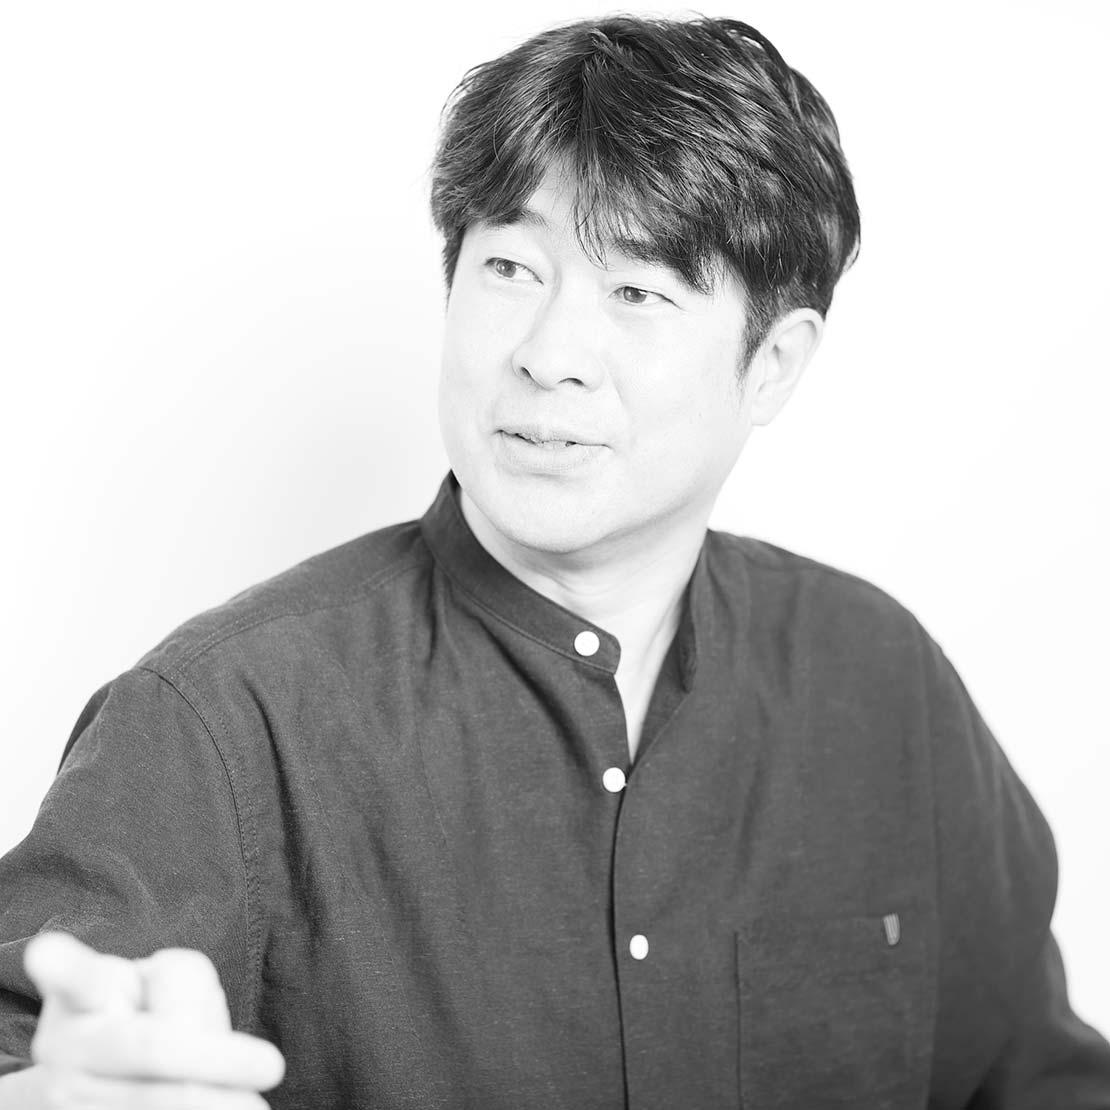 Hideki Fujii